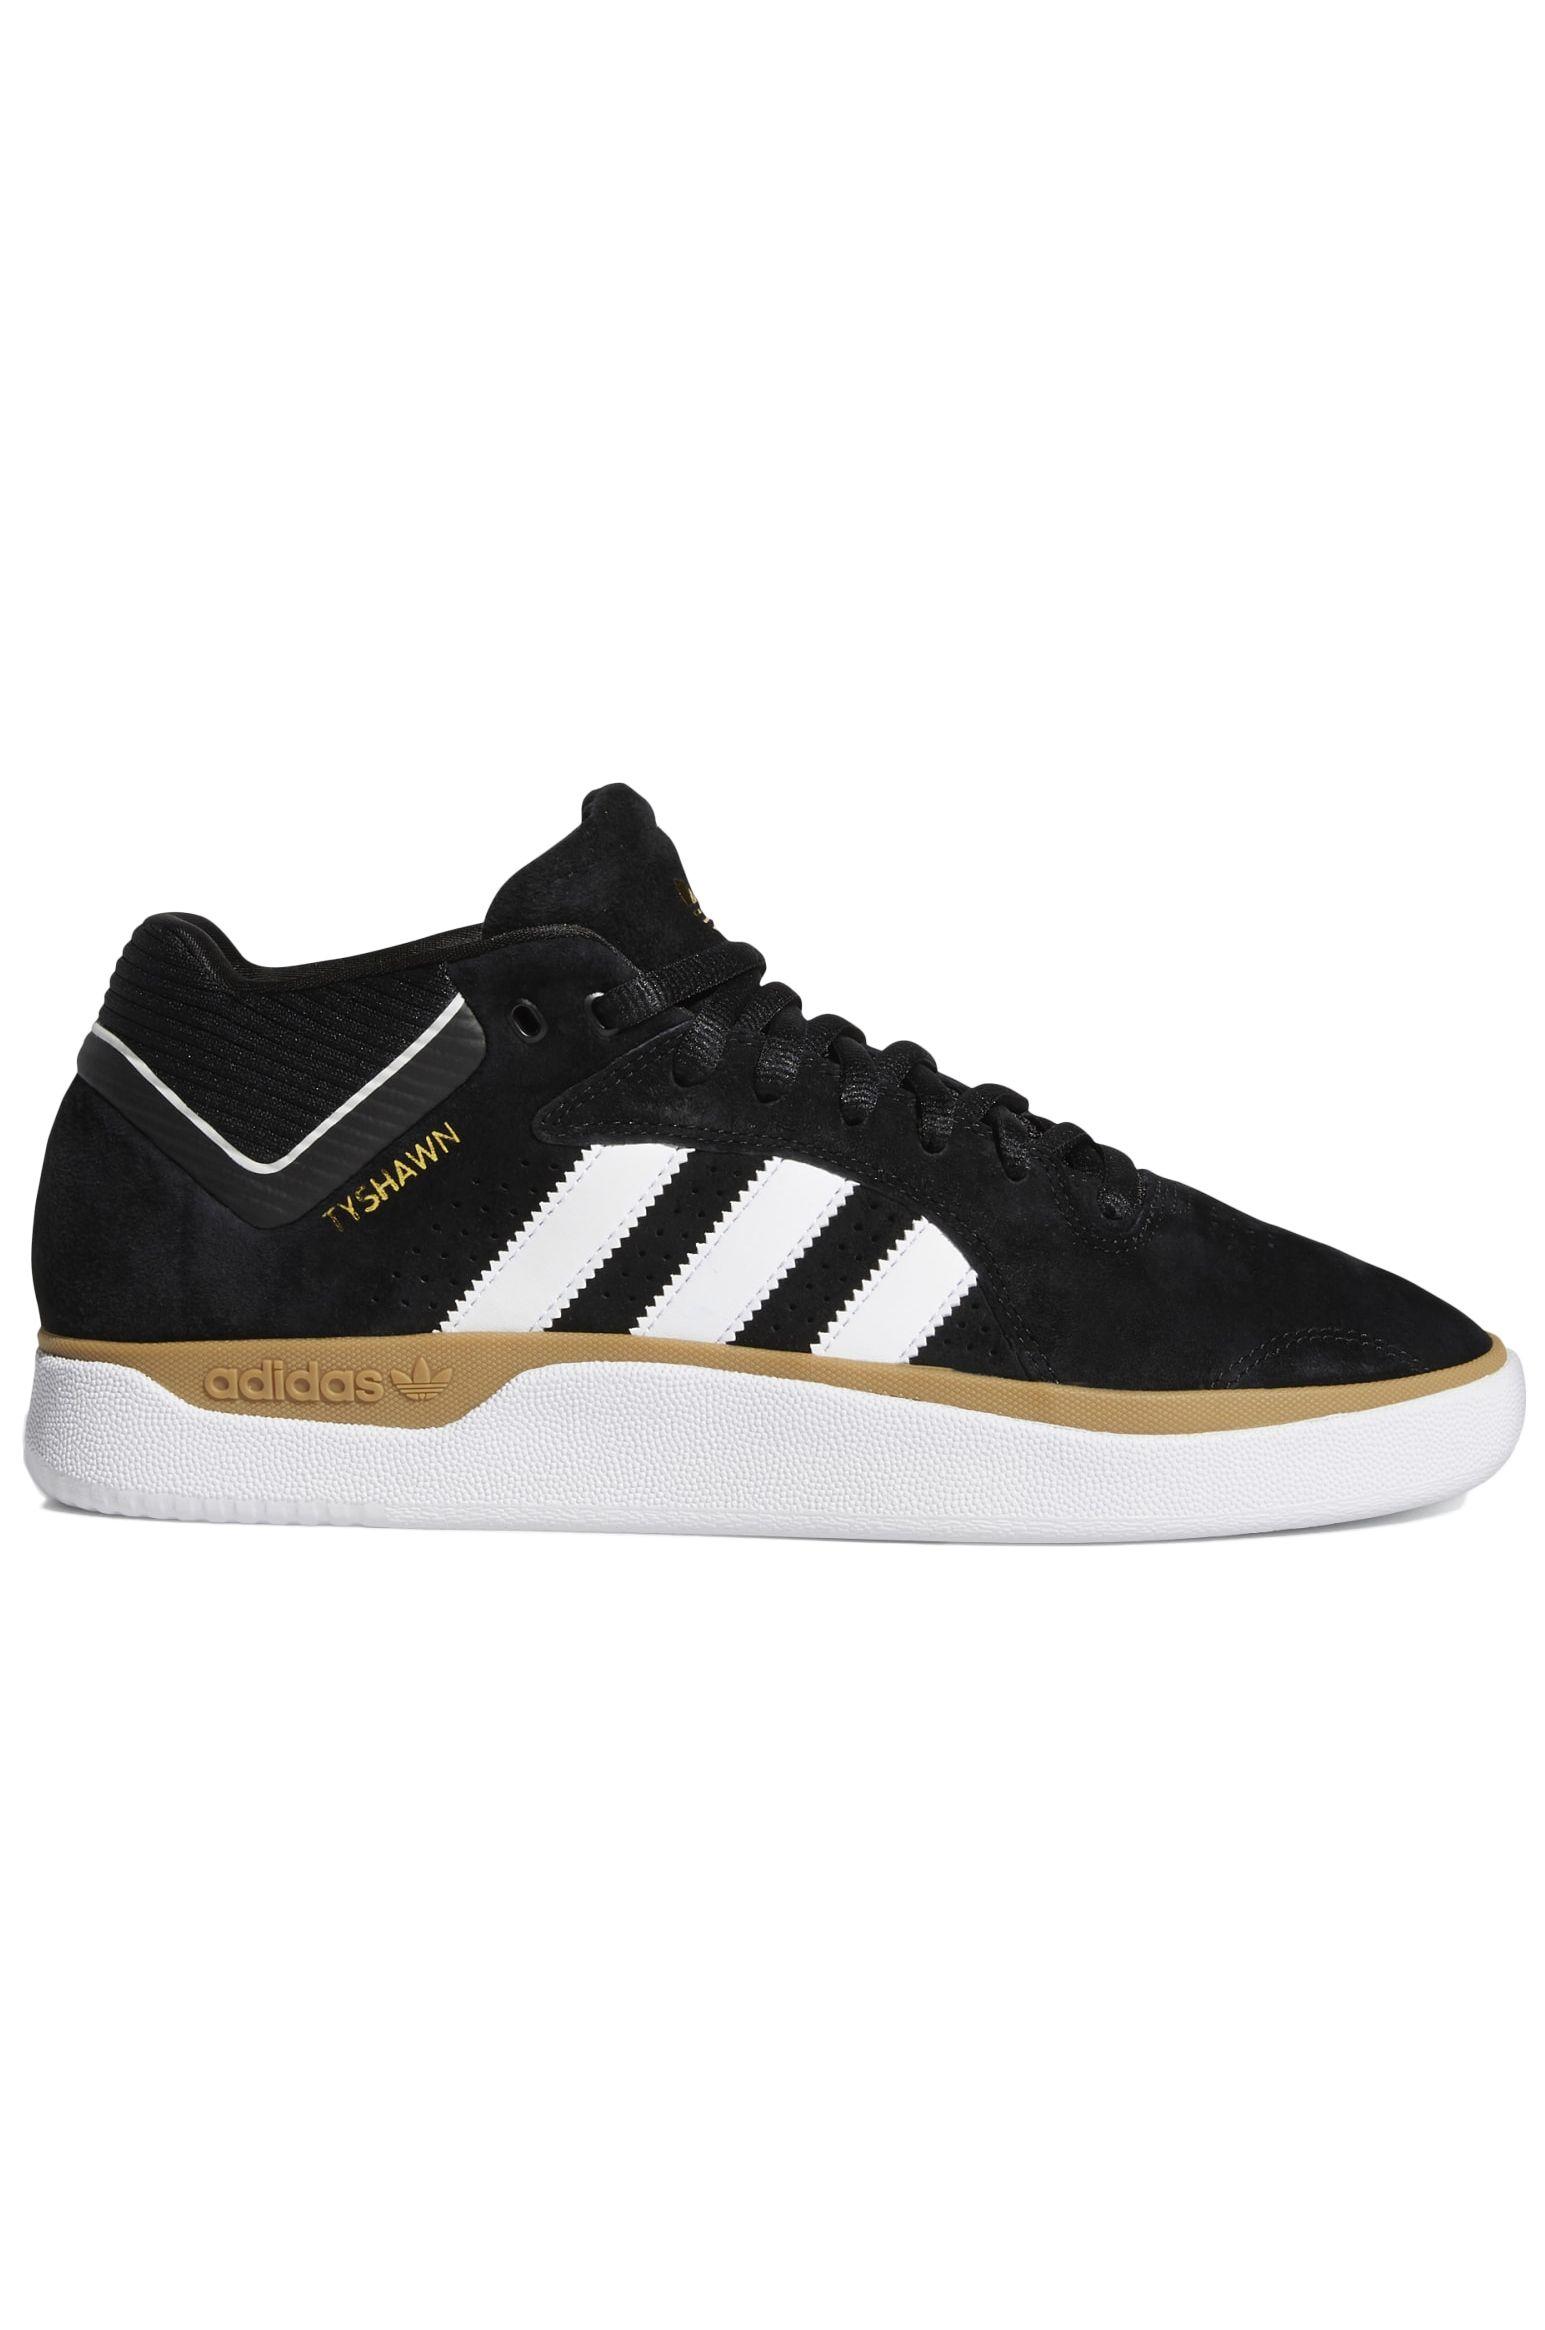 Adidas Shoes TYSHAWN Cblack/Ftwwht/Gum4